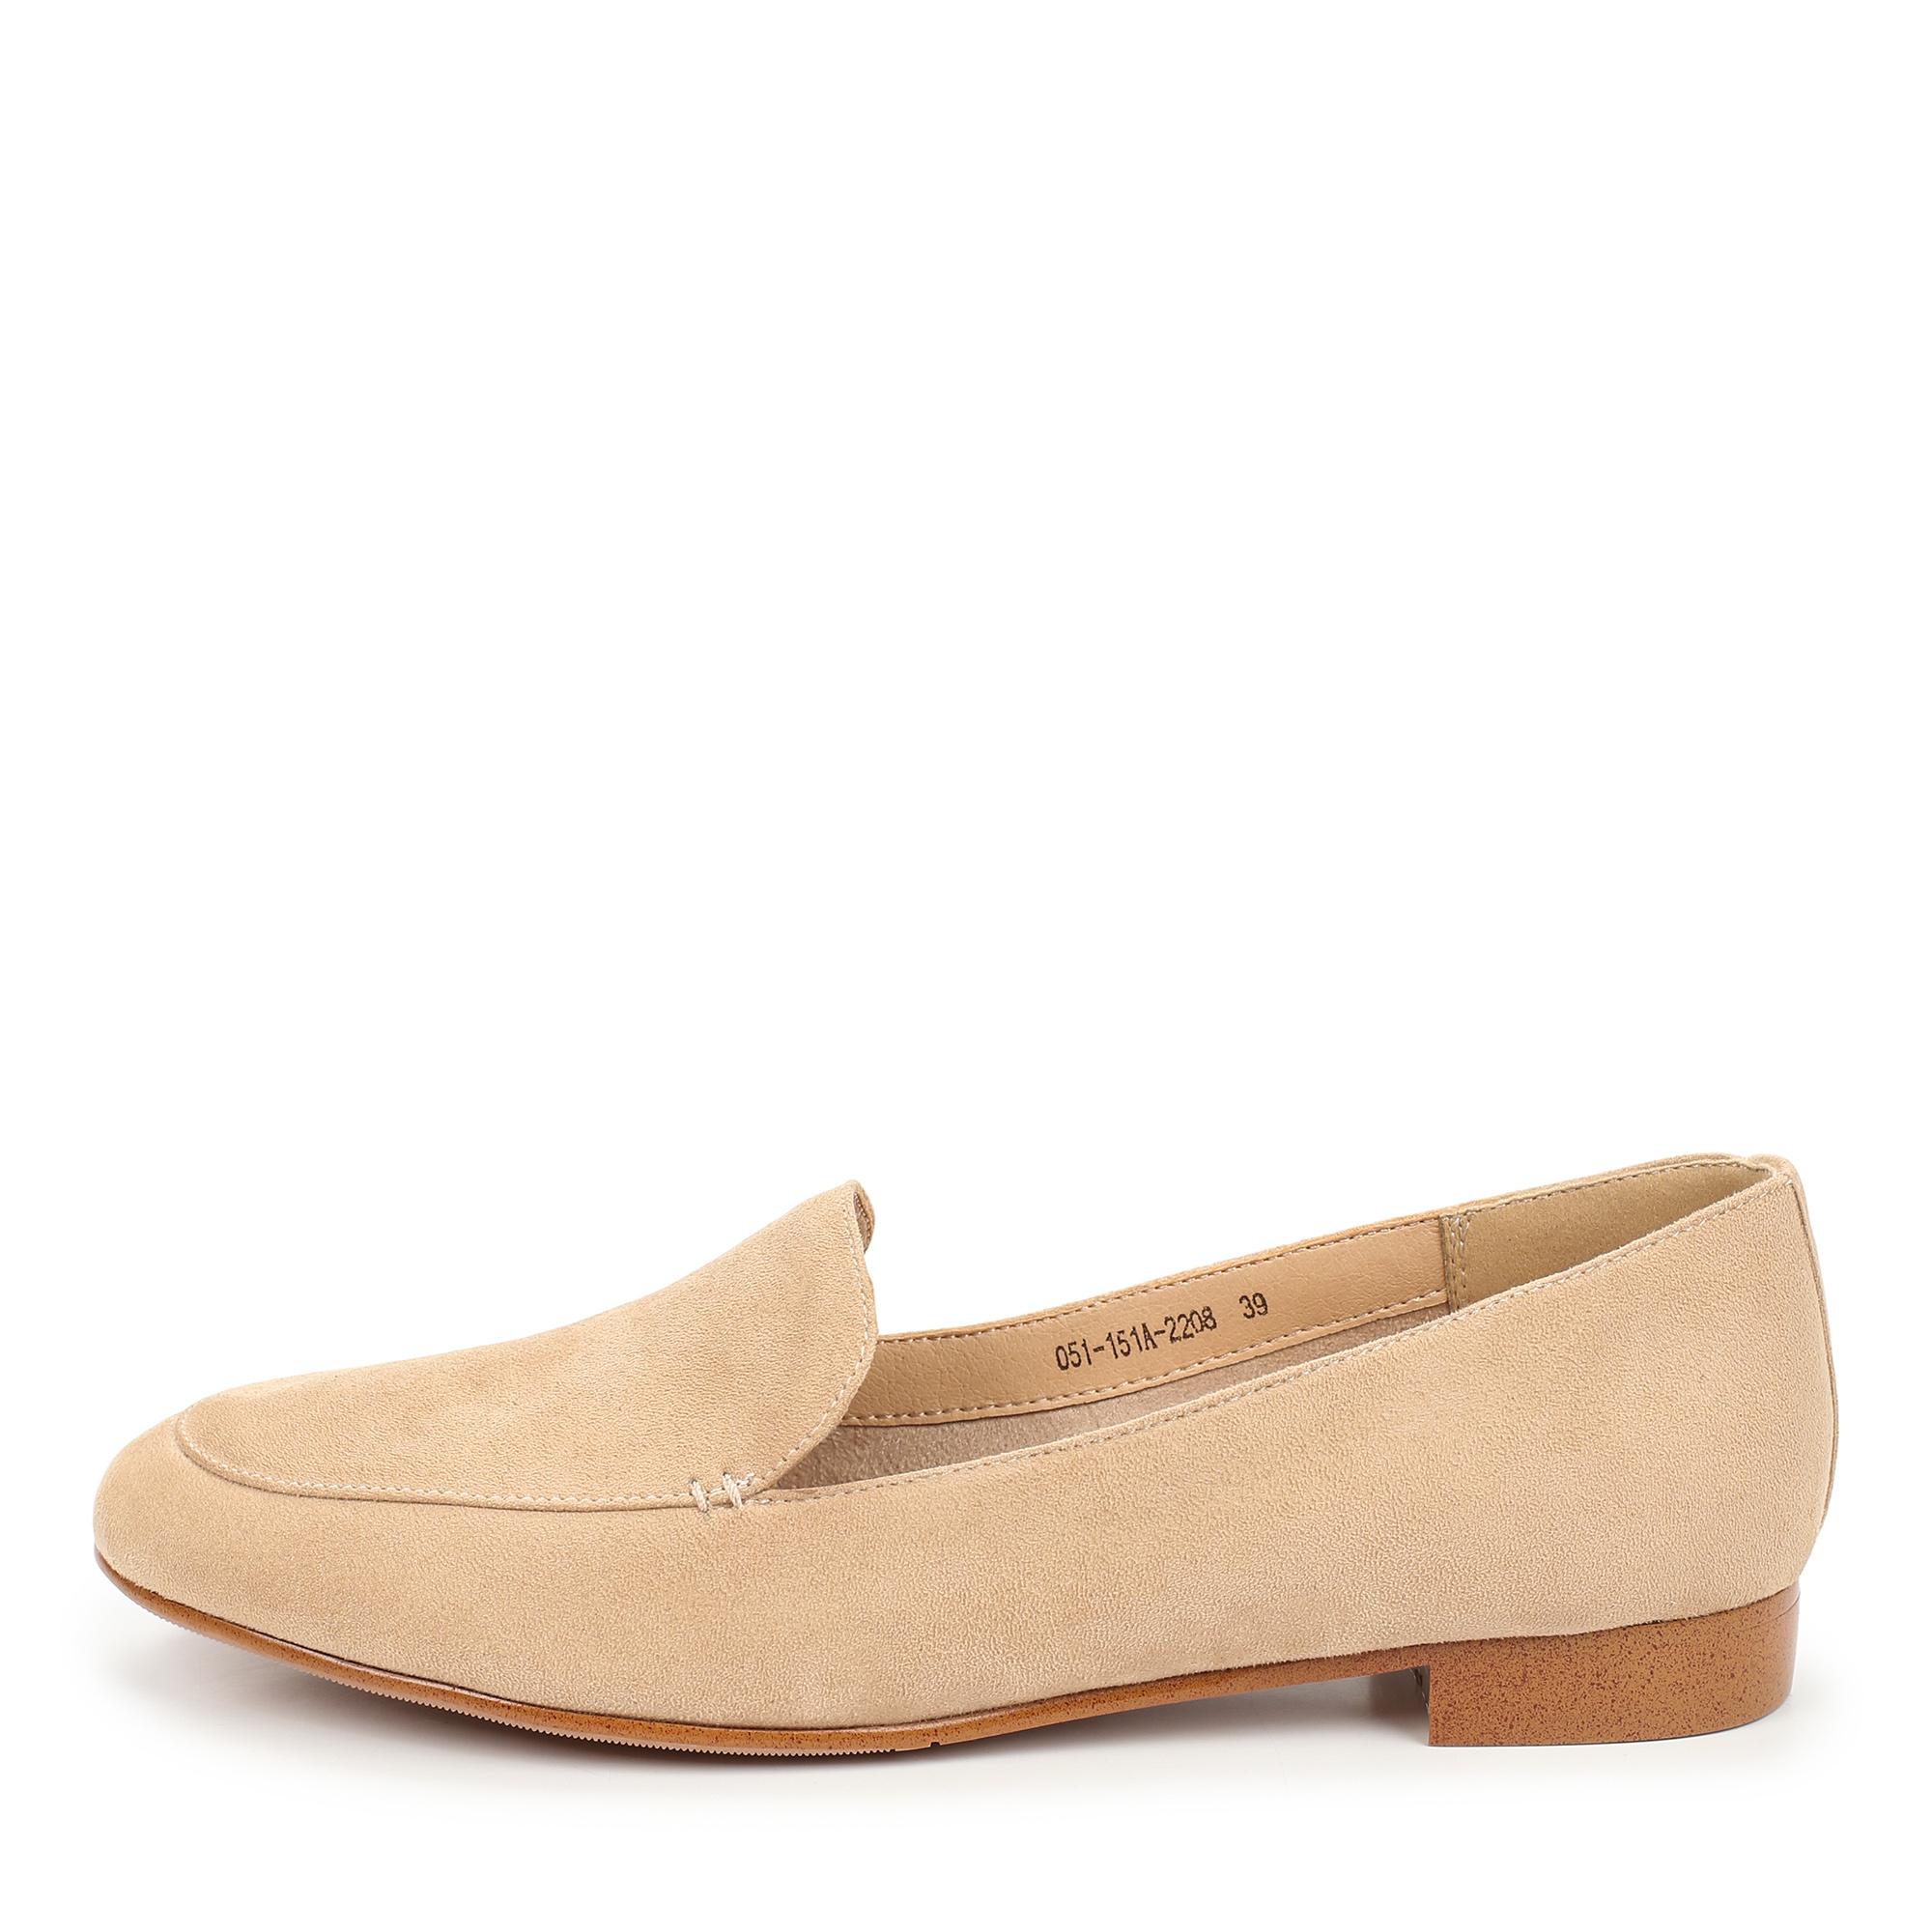 Туфли Bridget 051-151A-2208